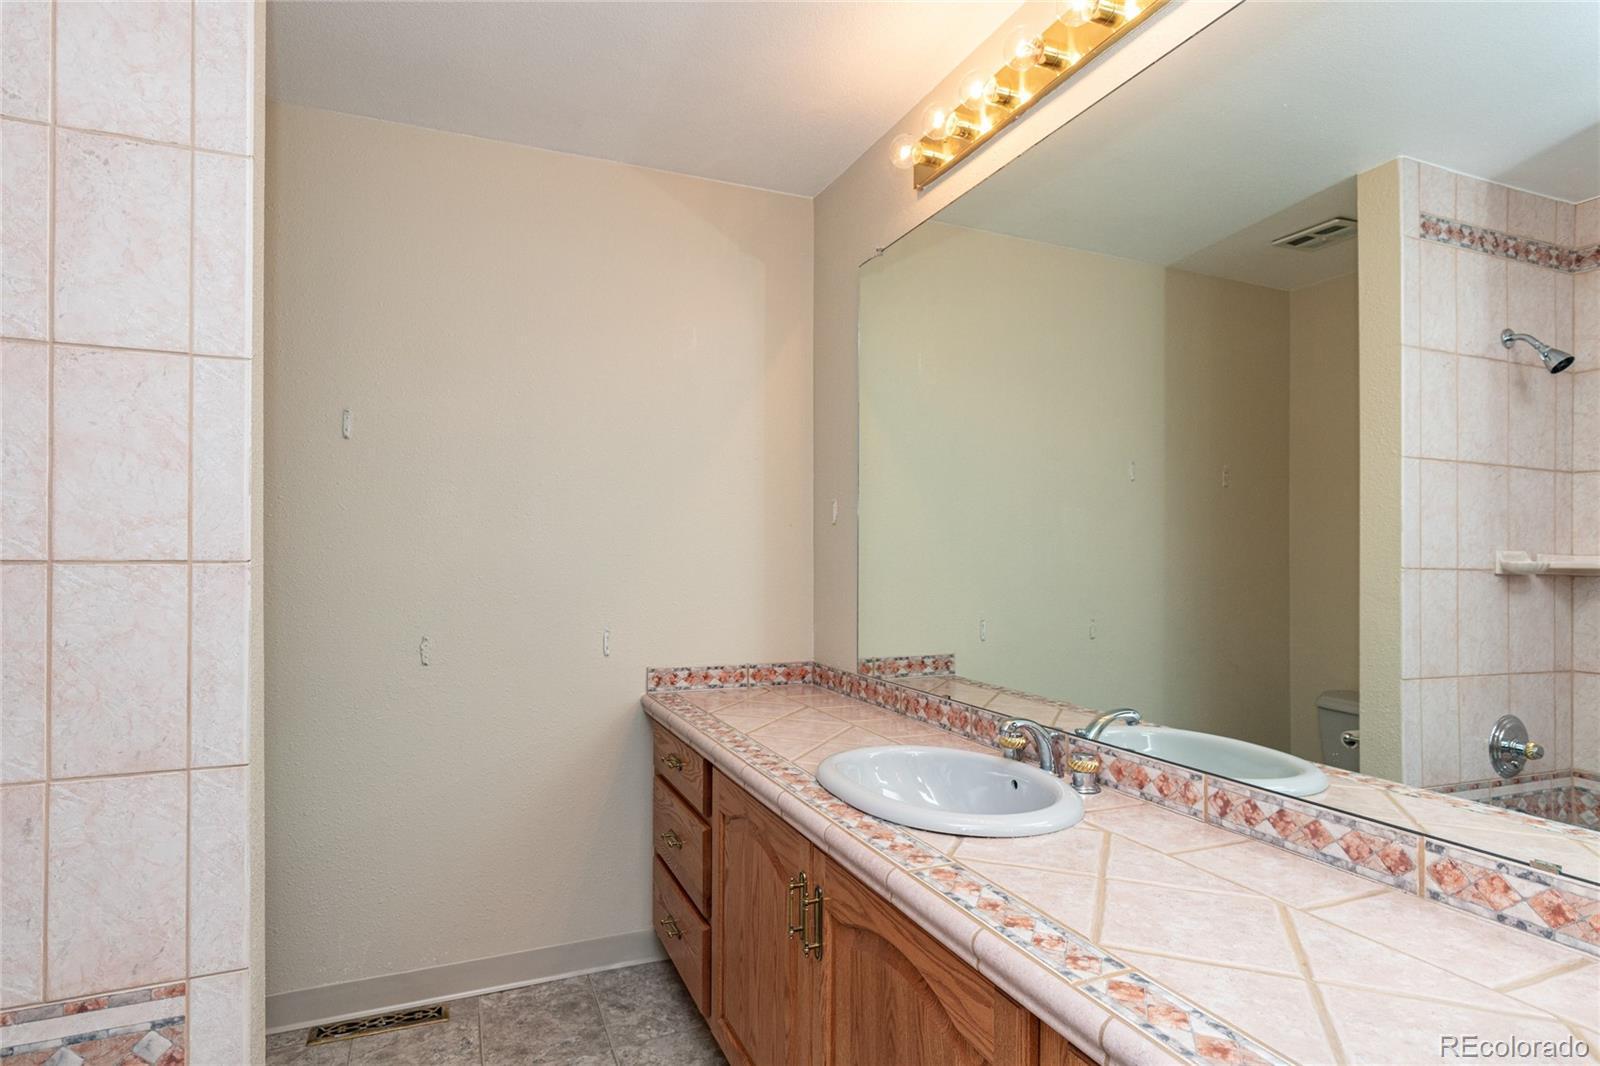 MLS# 8955616 - 23 - 6000 W Mansfield Avenue #15, Denver, CO 80235